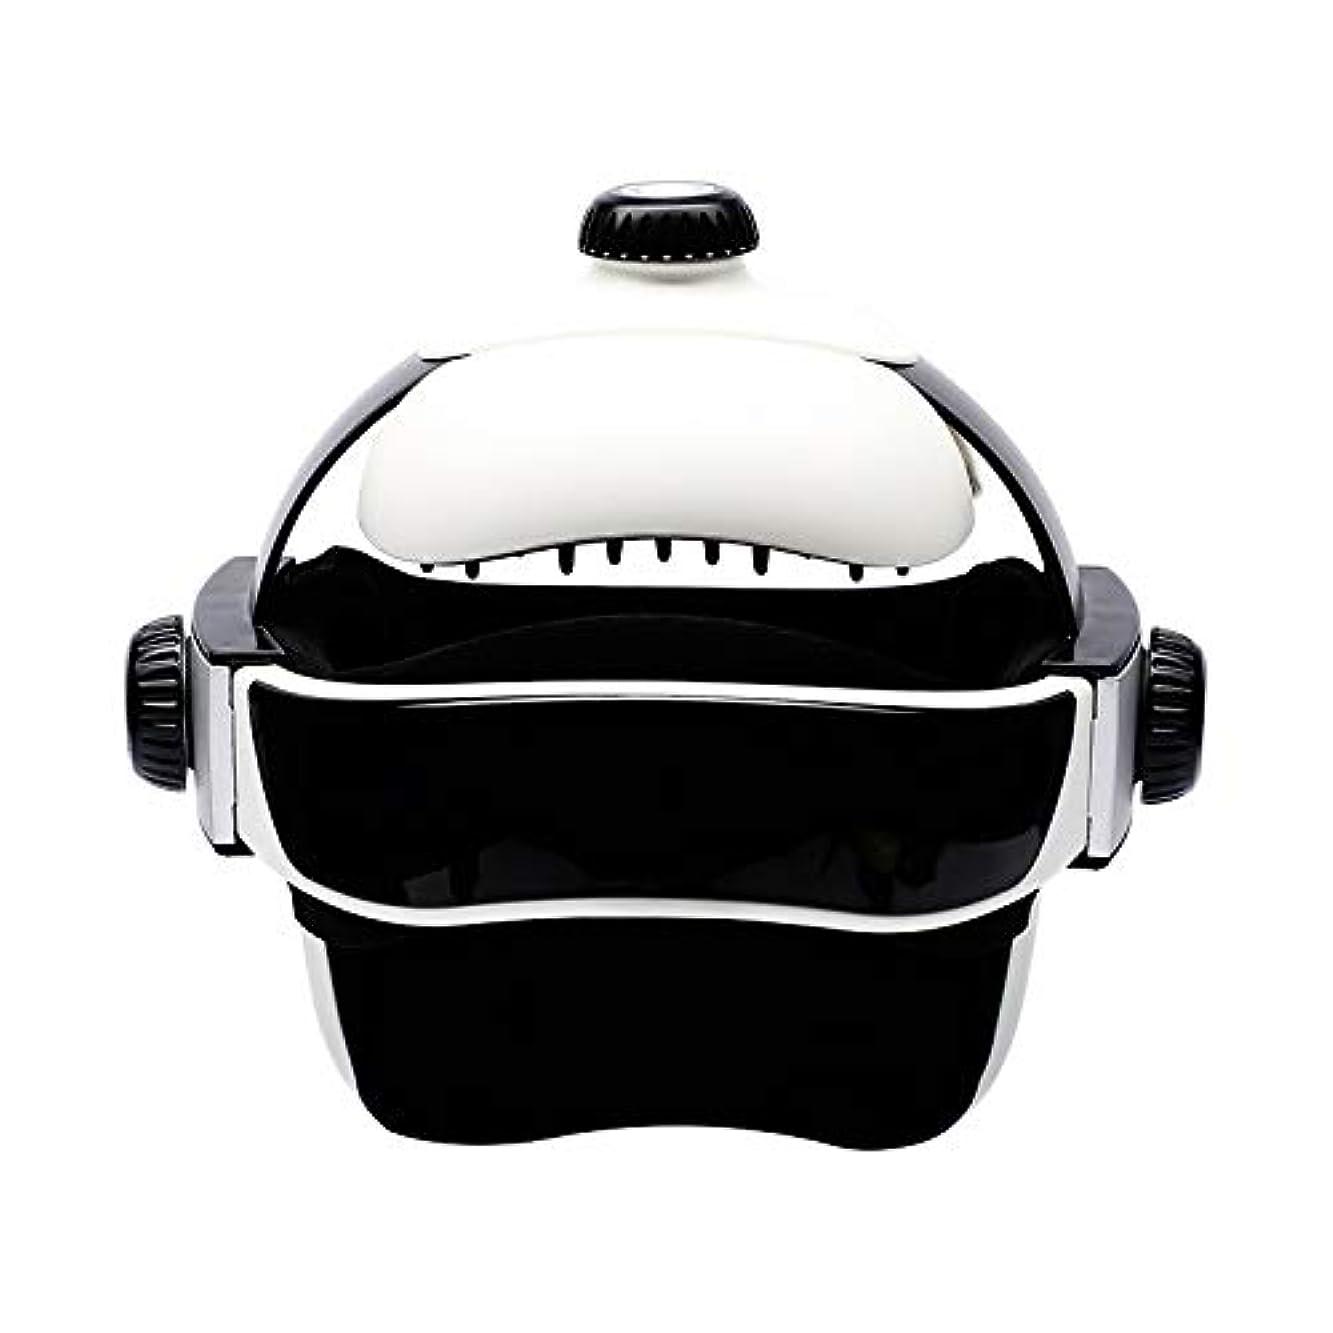 飼いならす願う闇ヘルメットの電動が機能している頭皮は同じタイプのマッサージ器です [並行輸入品]